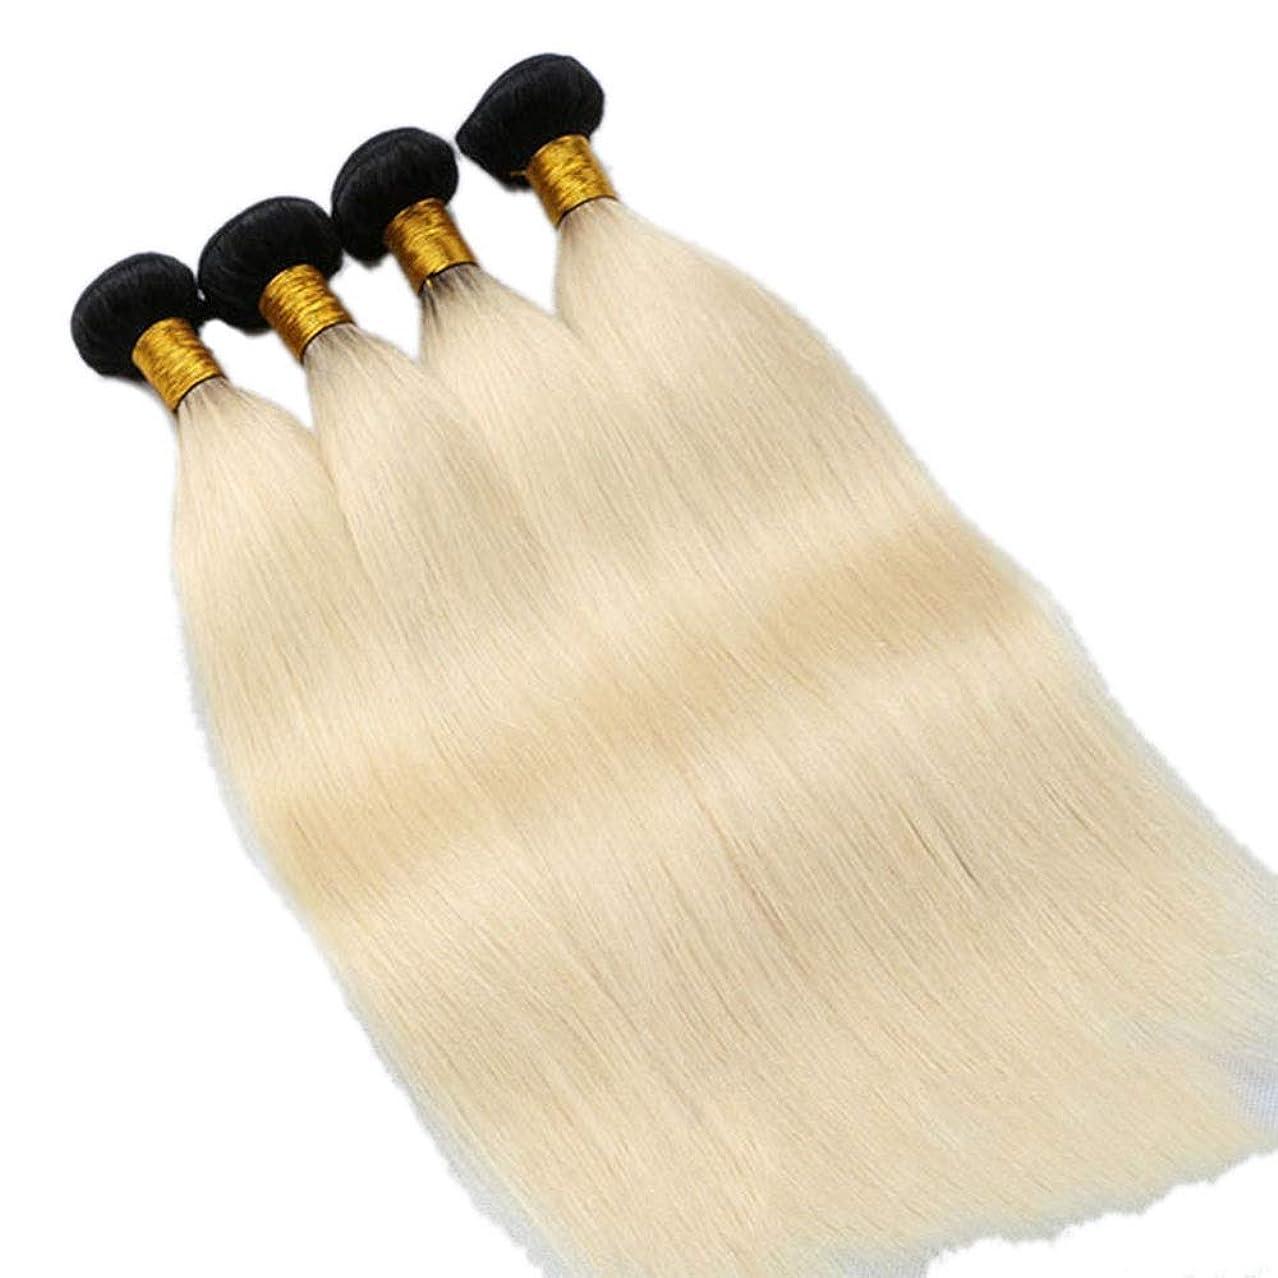 ラダ混雑砂漠BOBIDYEE ブラジルのストレートヘアハニーブロンドシングル12インチ織りバンドル100%人毛エクステンションウィーブで縫う(10インチ-24インチ)女性用合成かつらレースかつらロールプレイングかつら (色 : Blonde, サイズ : 10 inch)